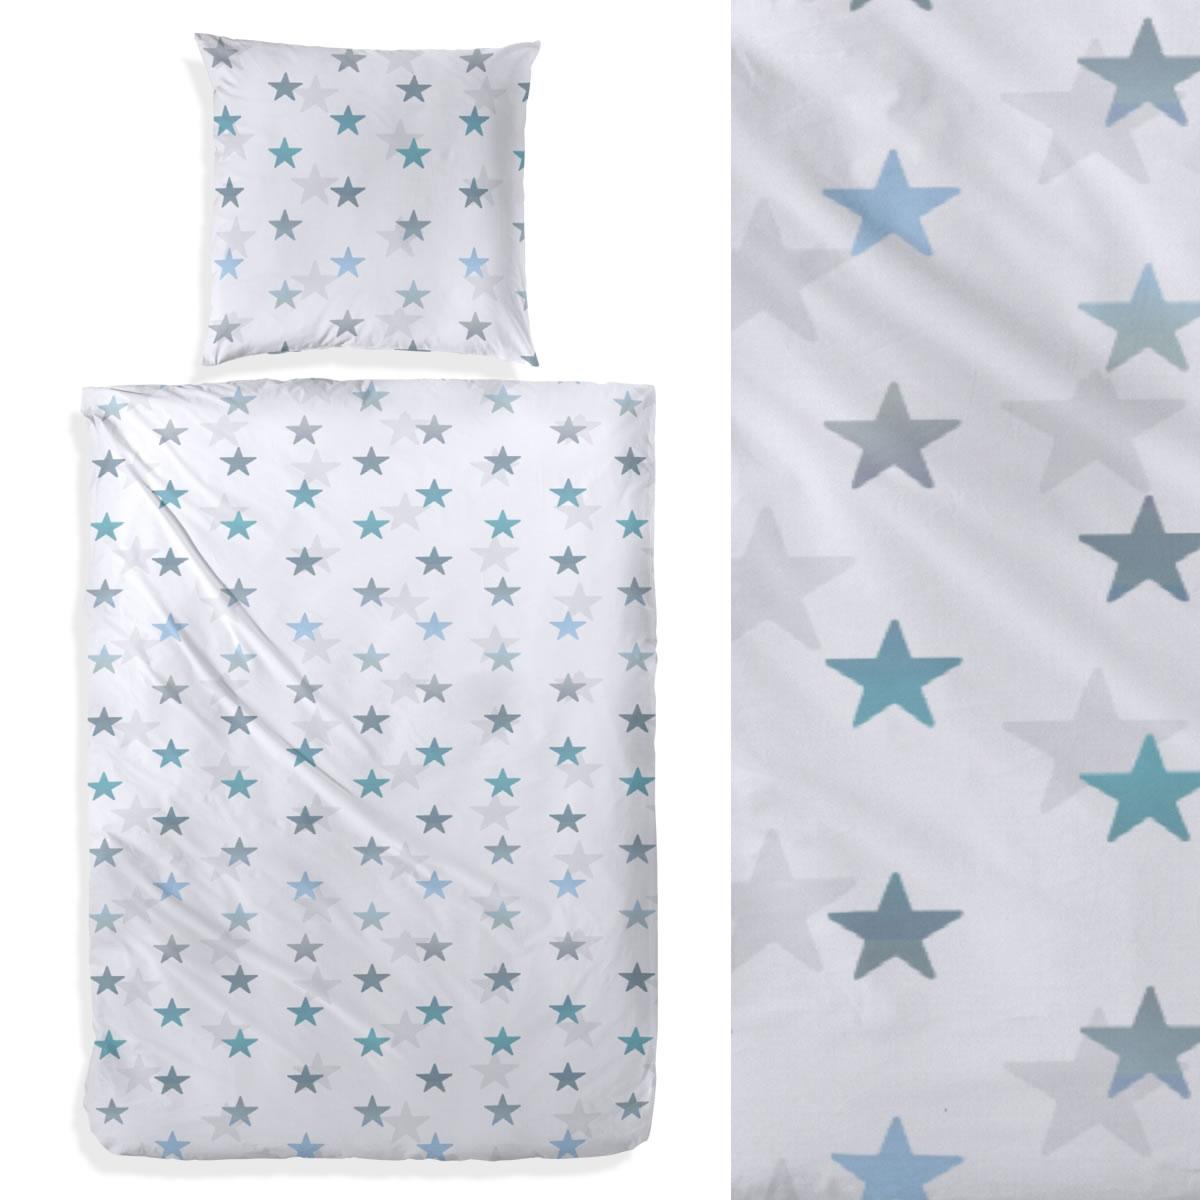 Fantastisch Bettwasche Sterne Blau Zeitgenössisch - Innenarchitektur ...